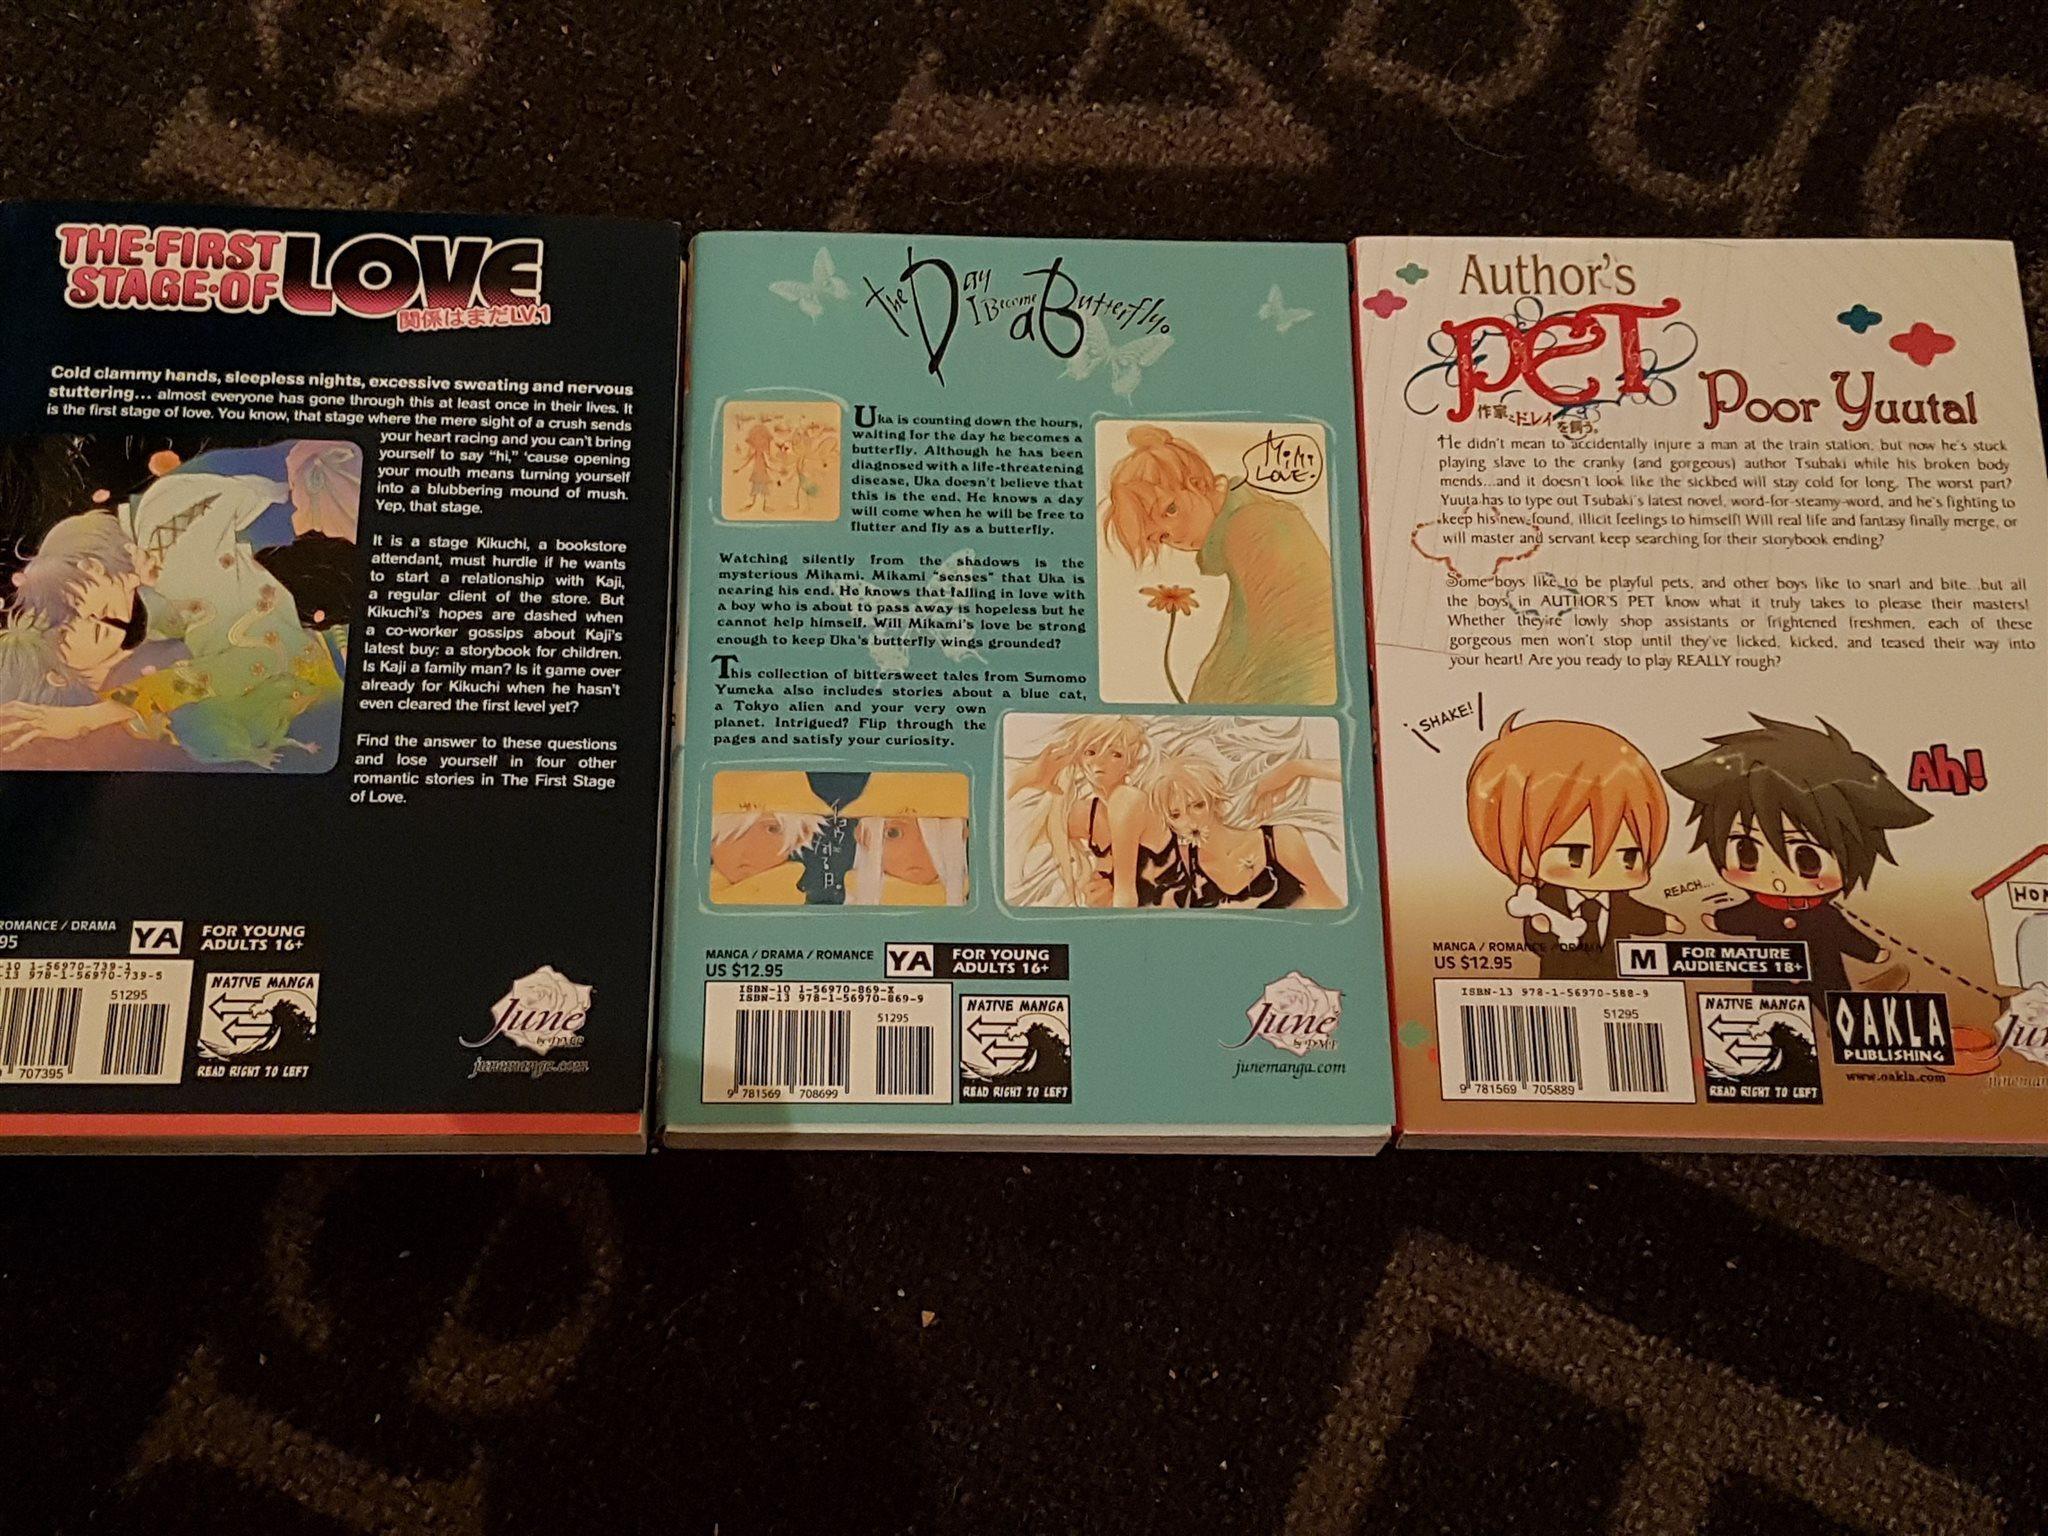 Yaoi Yaoi Yaoi manga 3st d01590